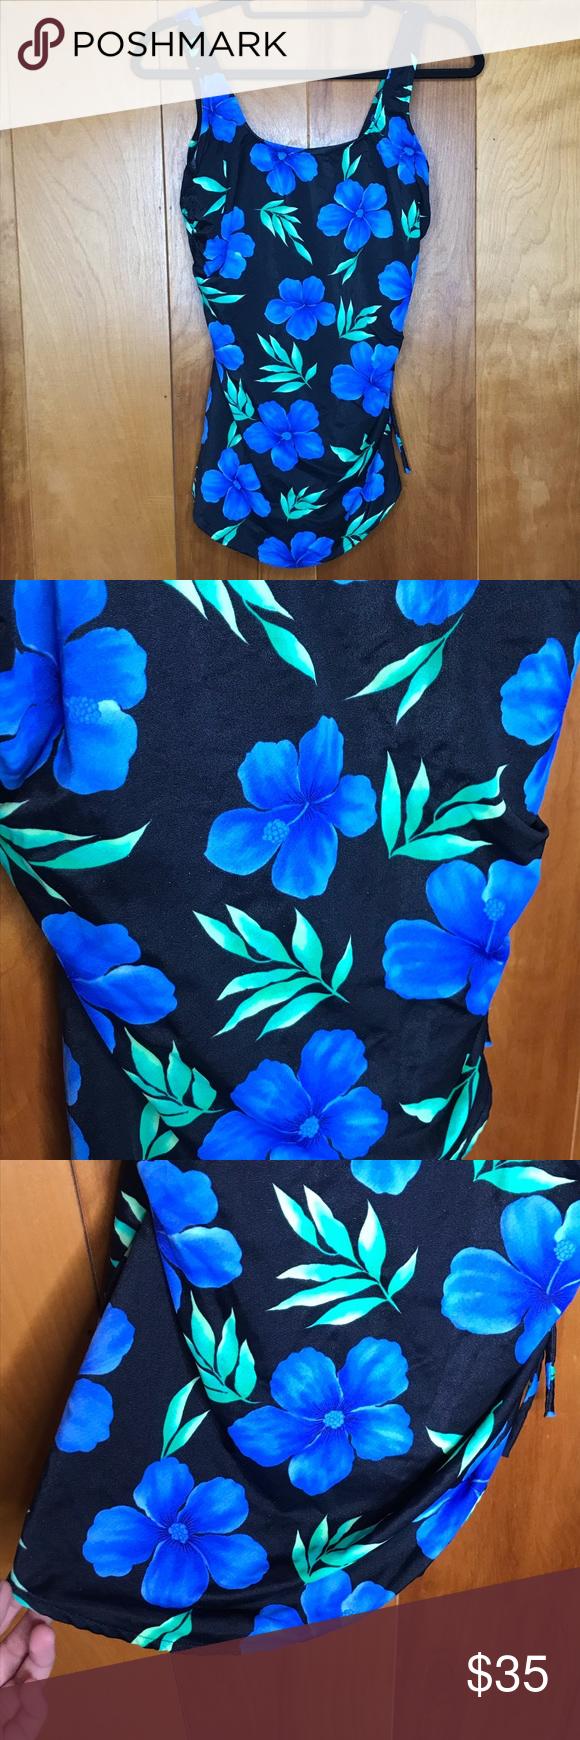 eb127a8fd0d VTG Black & Blue Hibiscus Tropical Swim Dress Gorgeous vintage black swim  dress with a blue